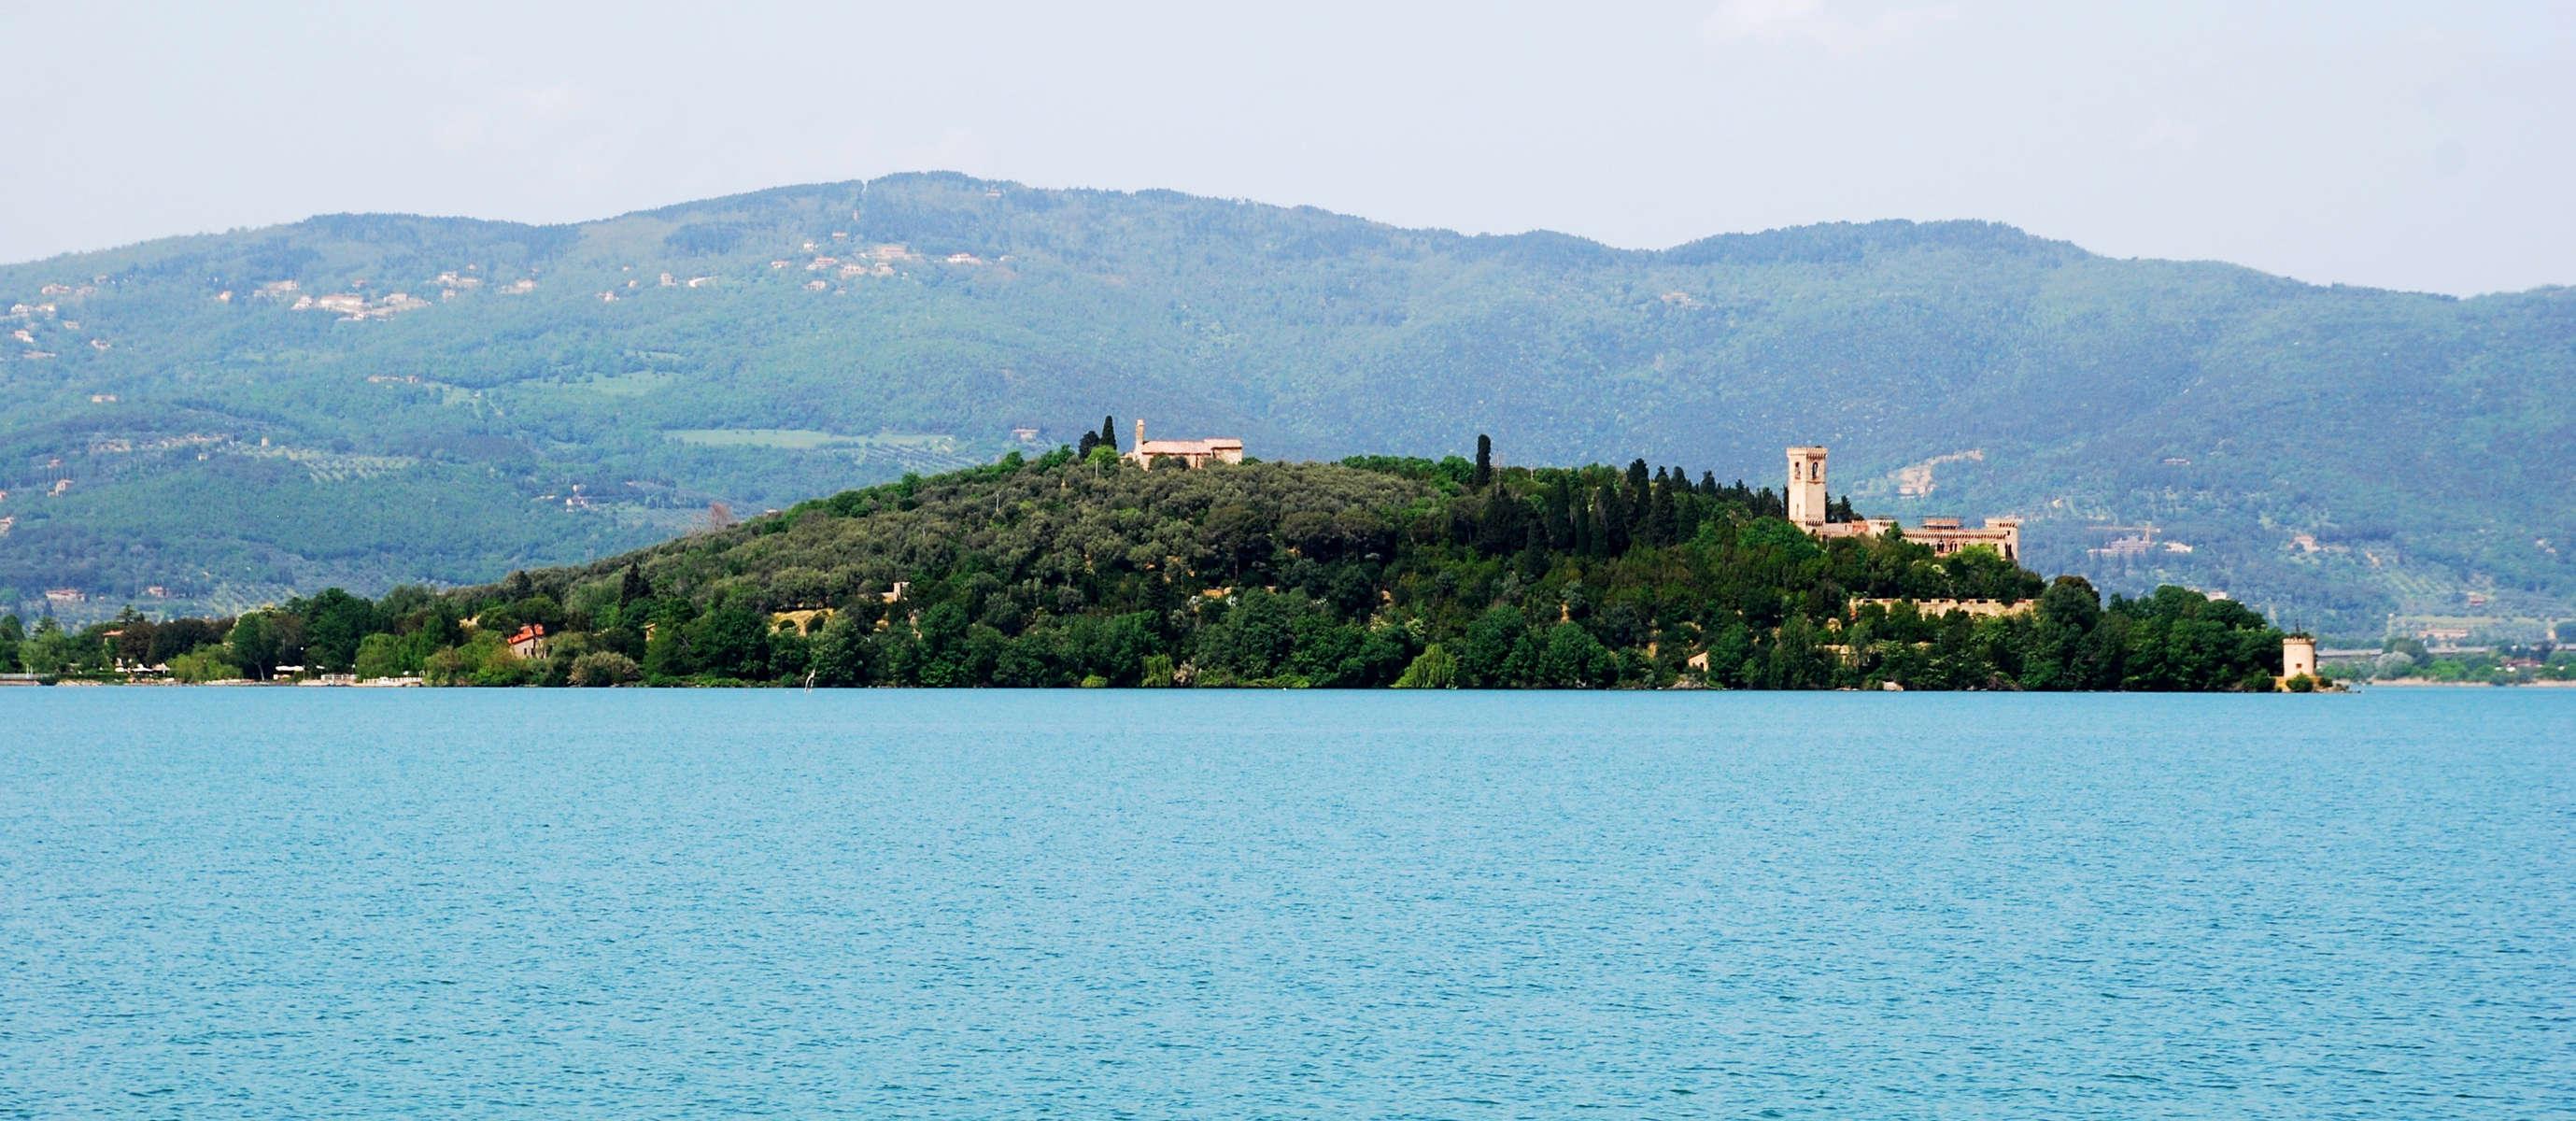 Panorama del lago trasimeno ed isola Maggiore